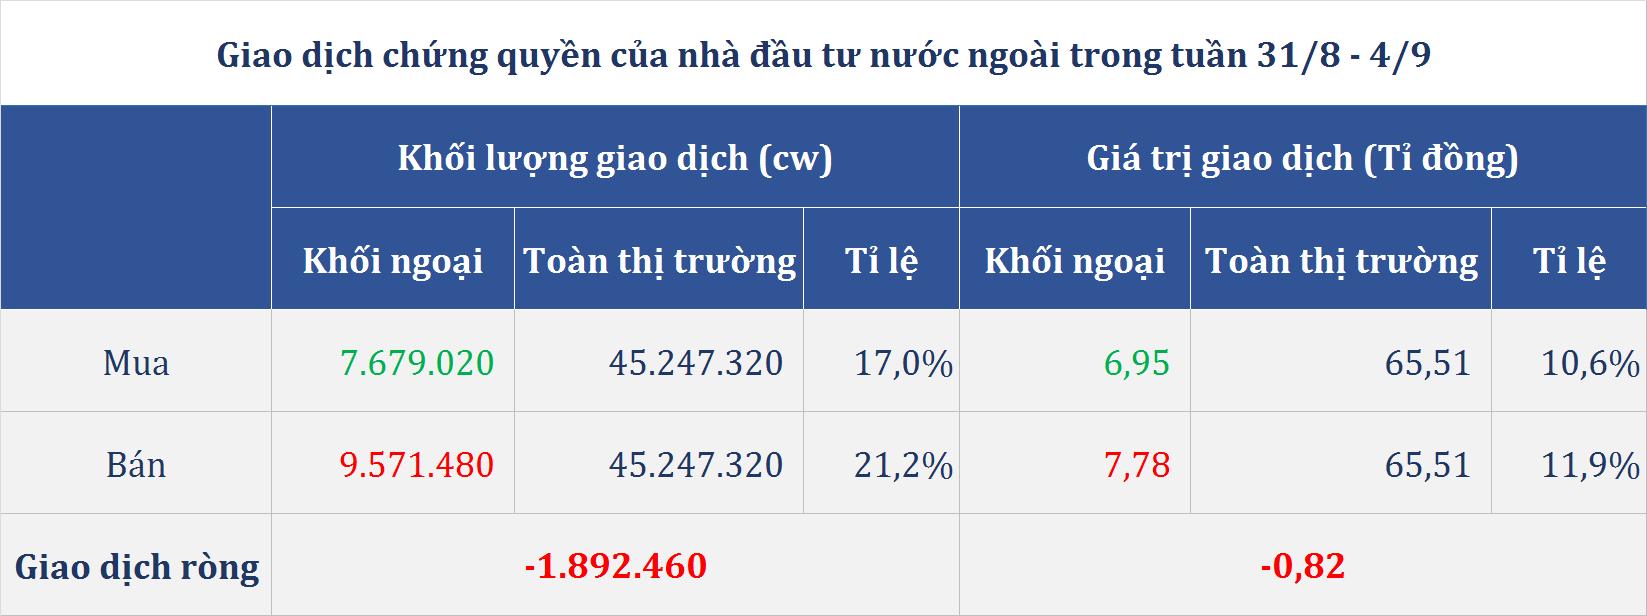 Thị trường chứng quyền tuần (31/8 - 4/9): Nhóm PNJ bùng nổ, chứng quyền ngân hàng phân hóa - Ảnh 5.